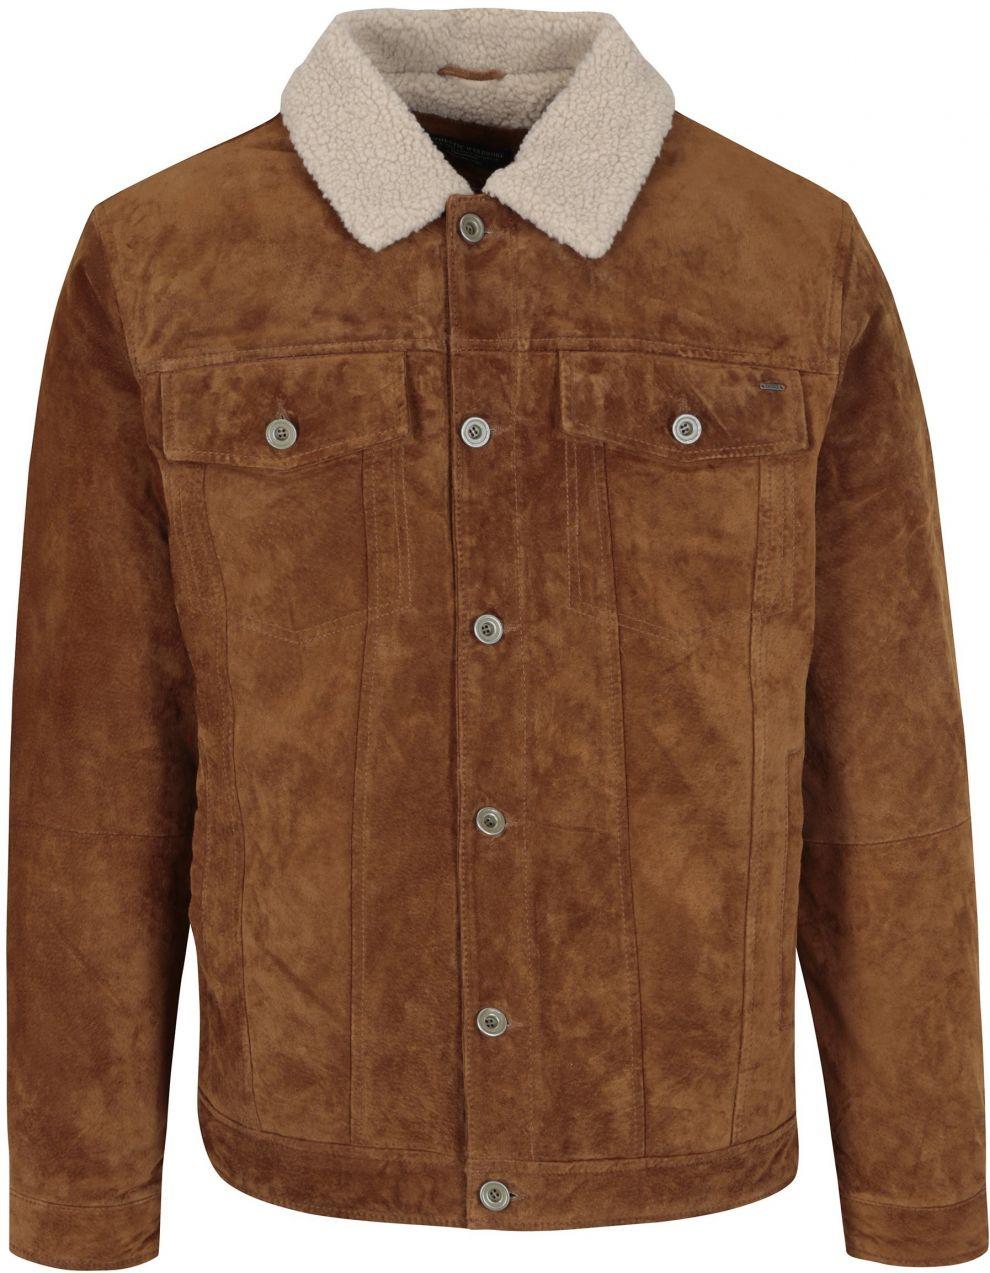 Hnedá zimná semišová bunda Jack   Jones Vintage Pride značky Jack   Jones -  Lovely.sk 398a41c9d2